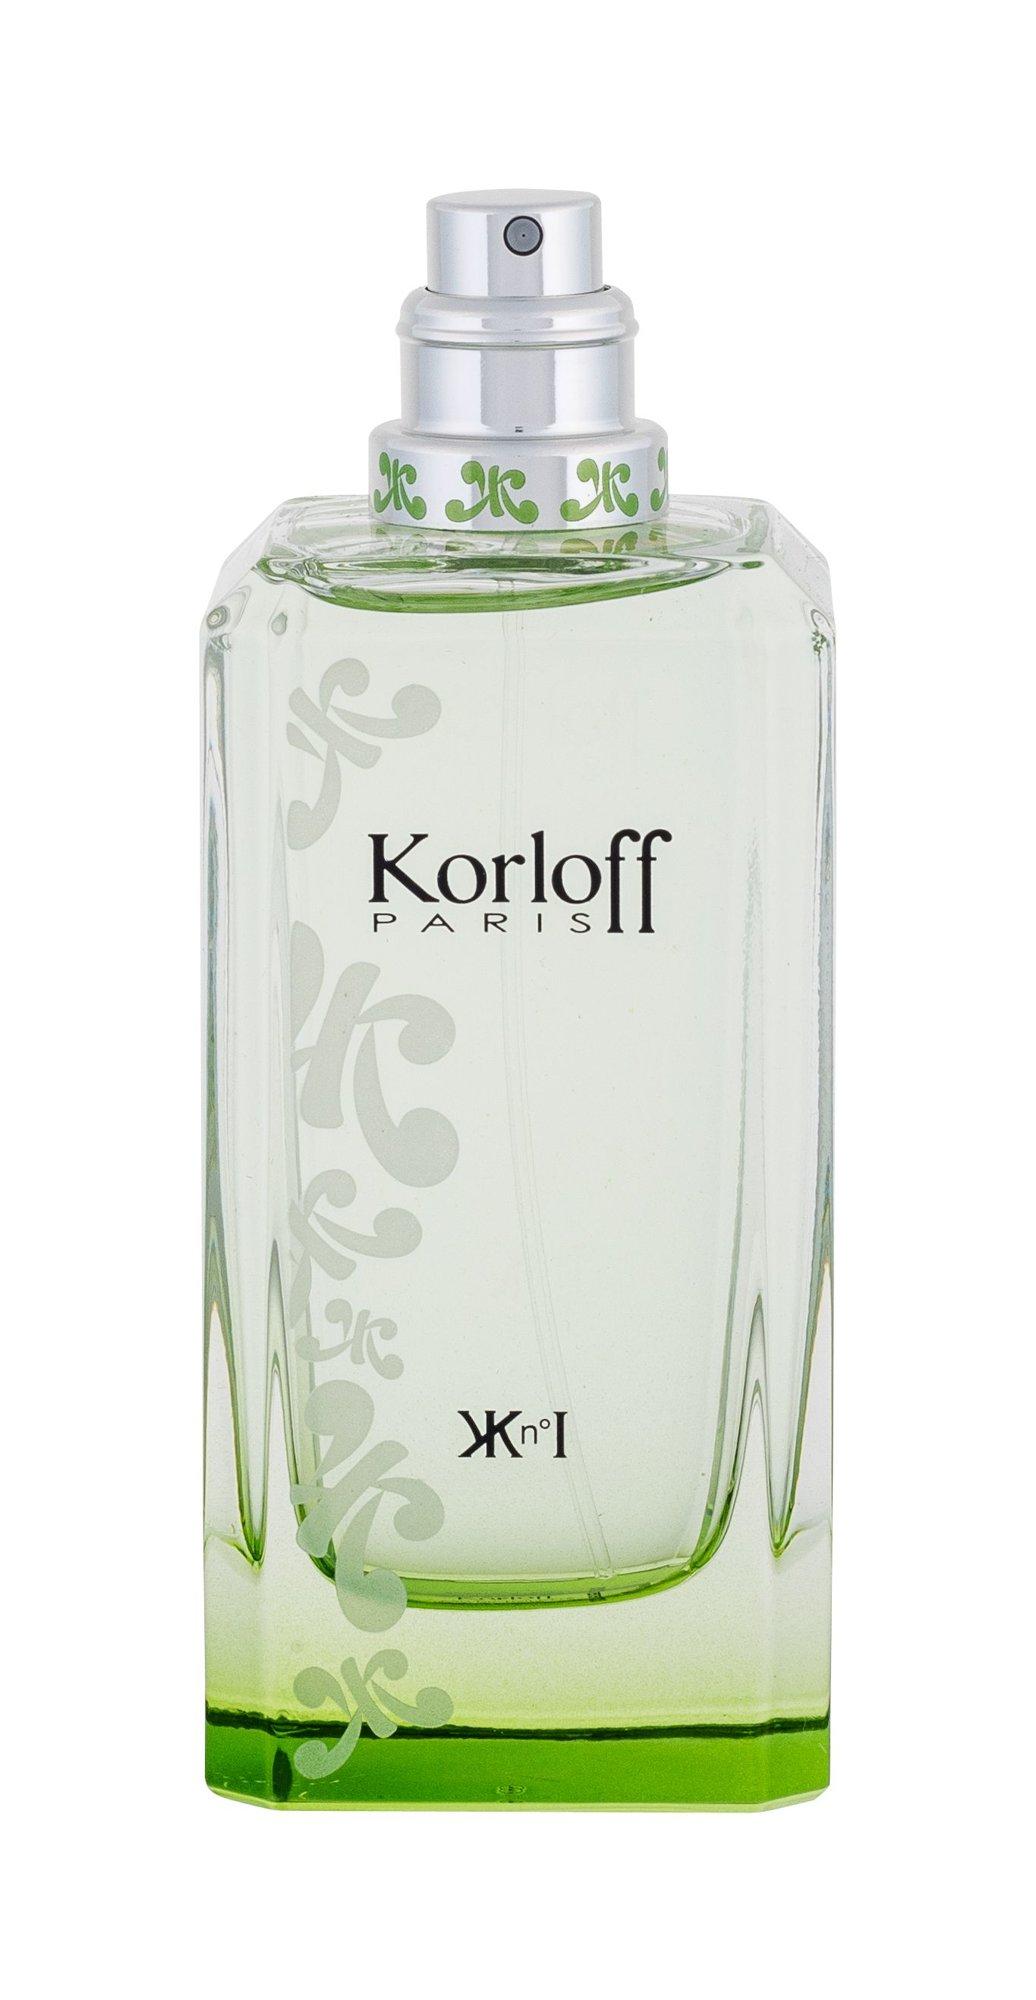 Korloff Paris Kn° I